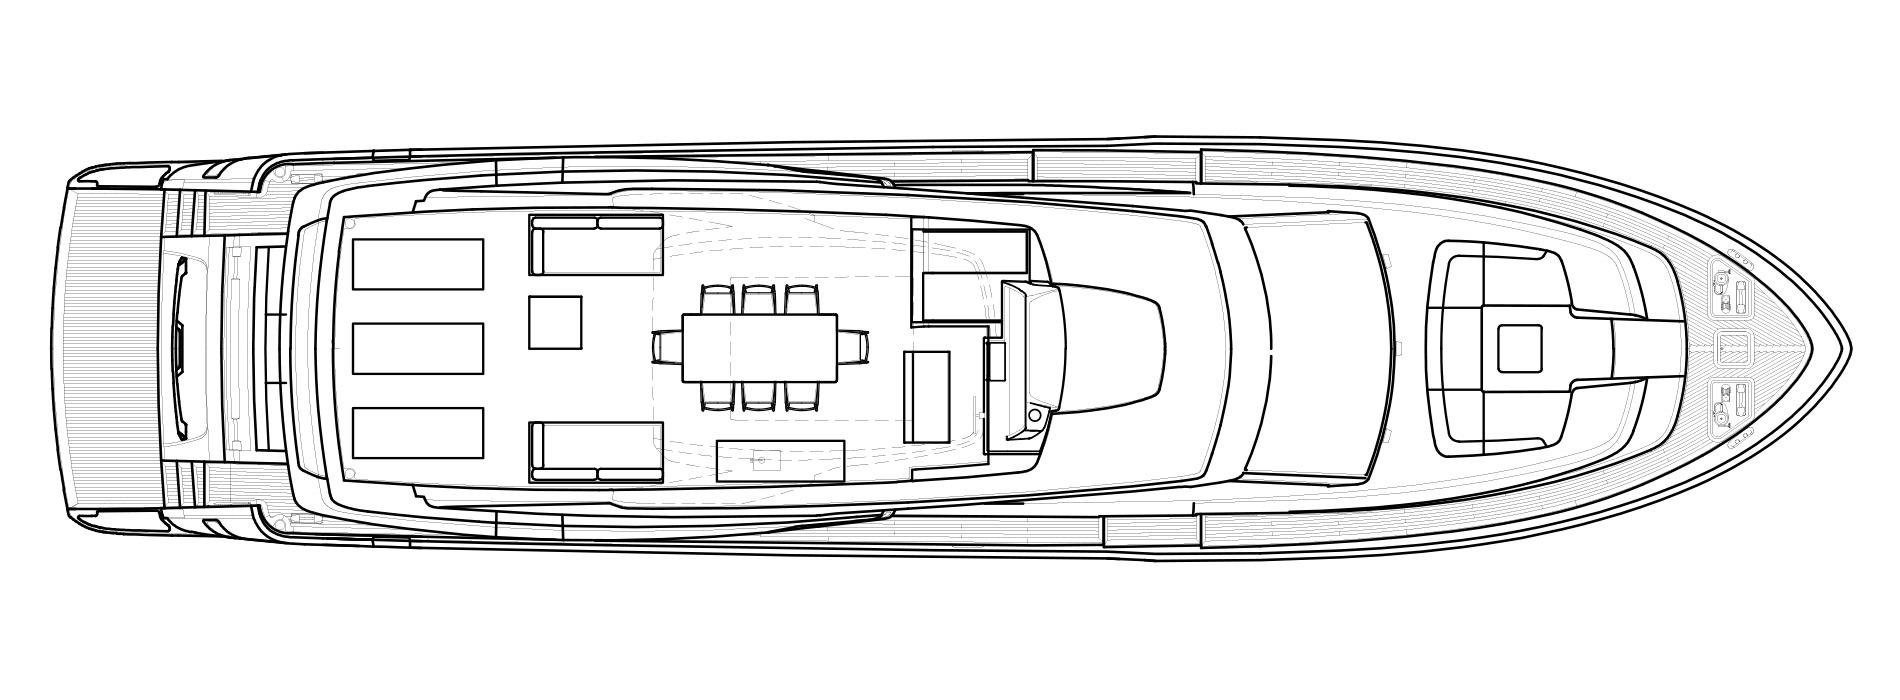 Sanlorenzo Yachts SL86 Флайбридж версия A